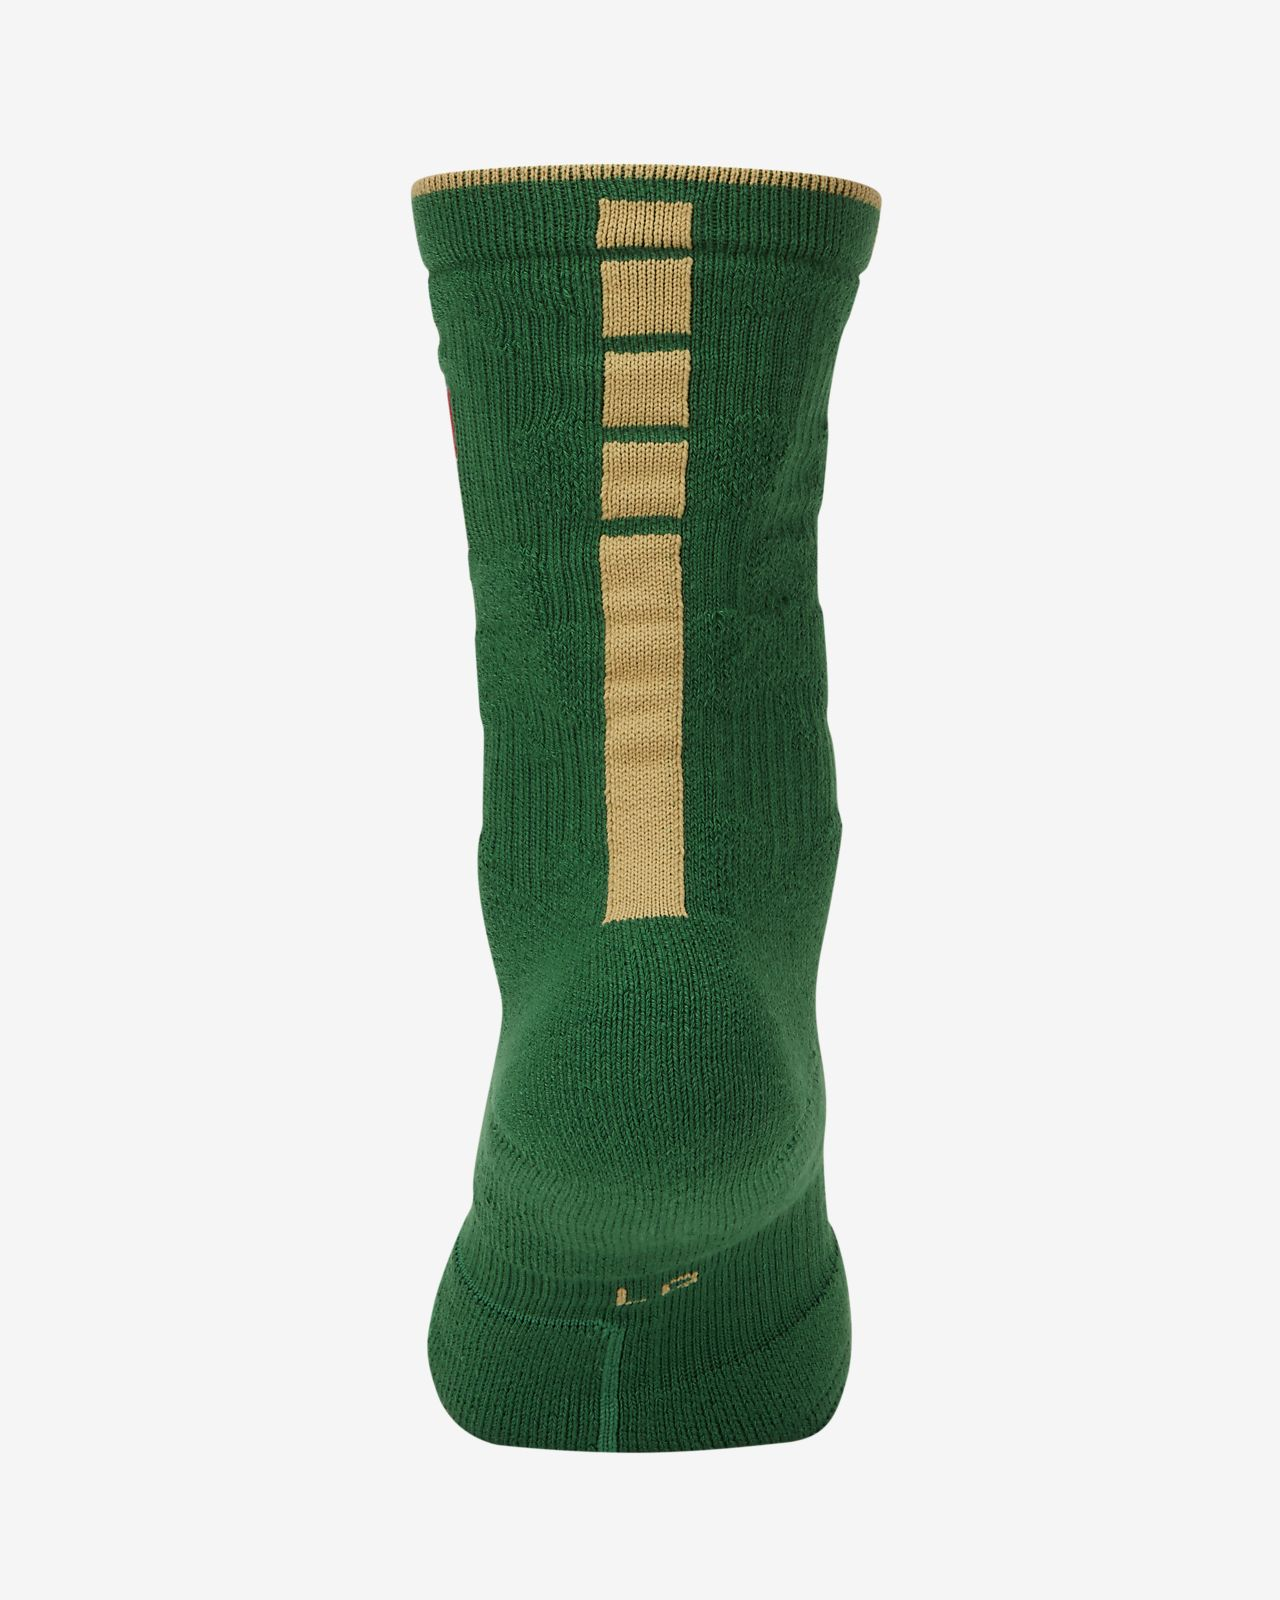 ถุงเท้าข้อยาว NBA Nike Elite Boston Celtics City Edition